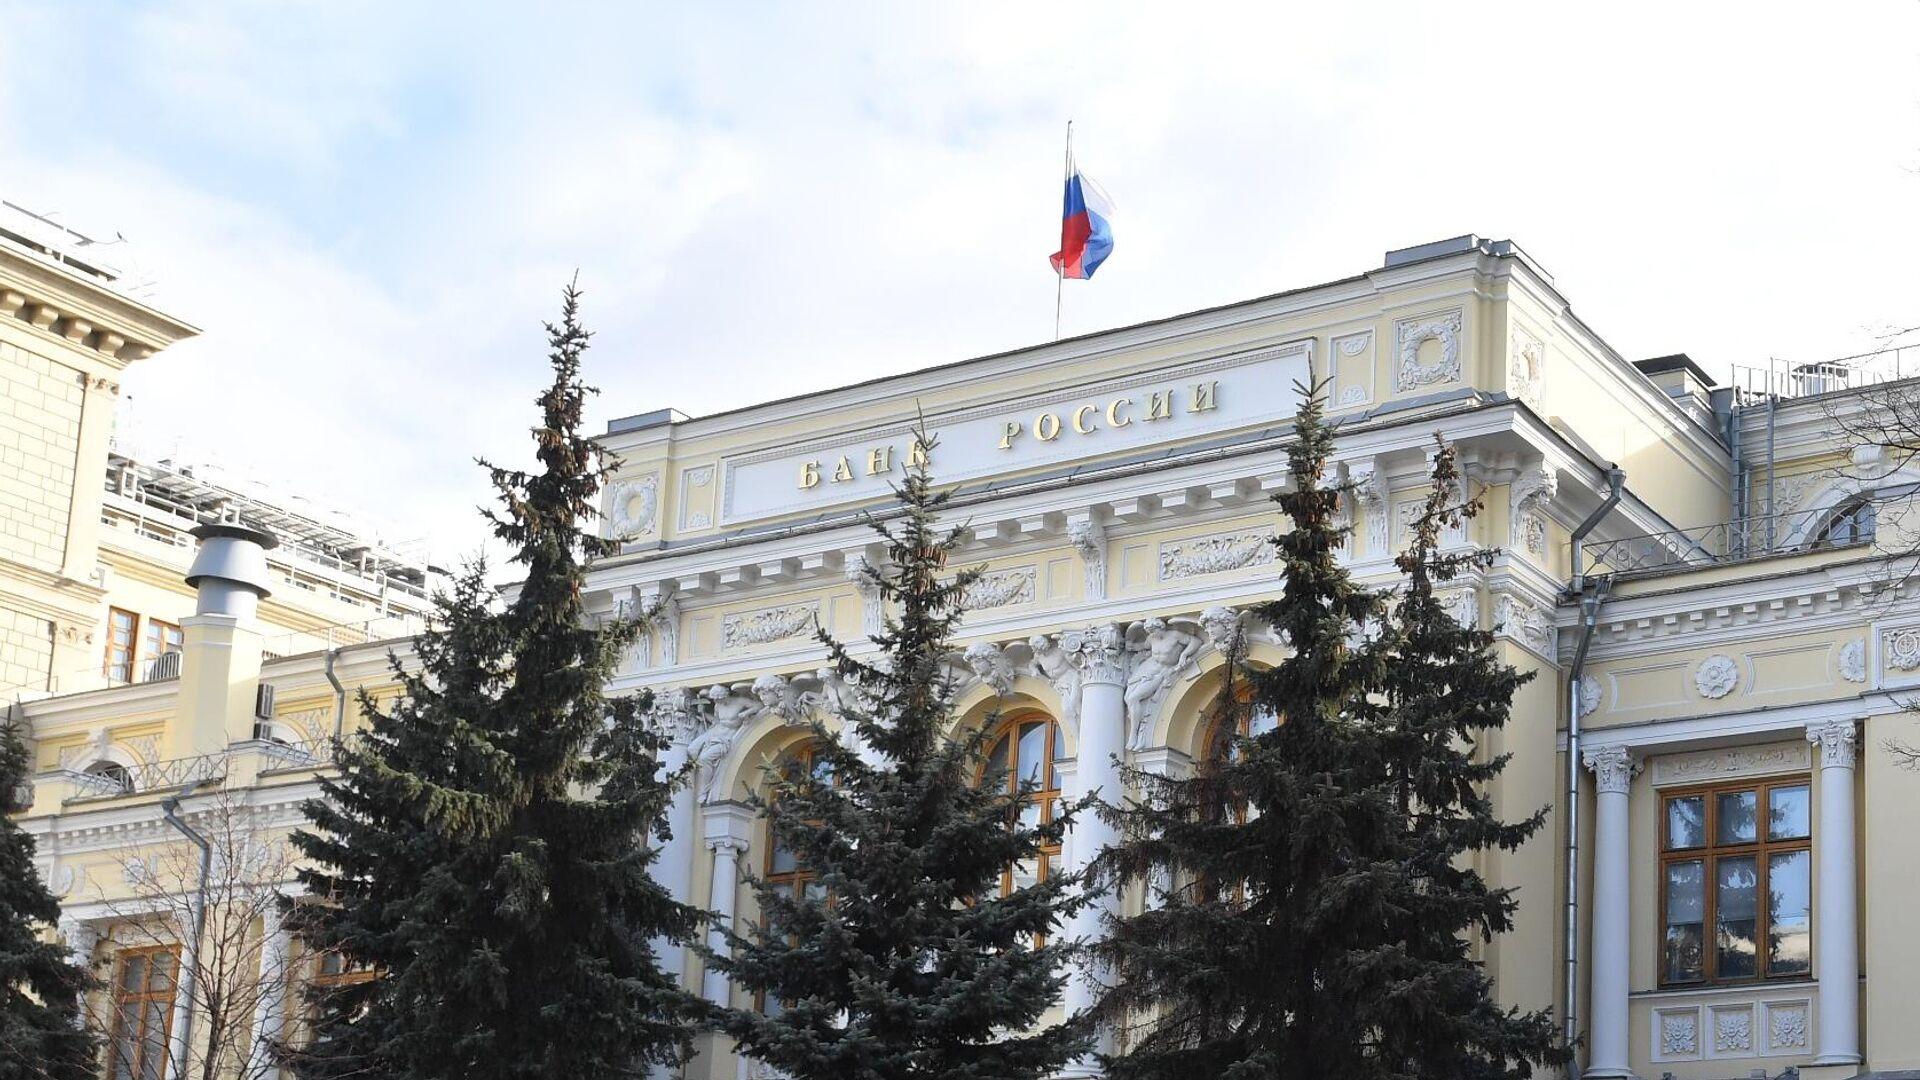 Здание Центрального банка России - РИА Новости, 1920, 02.12.2020